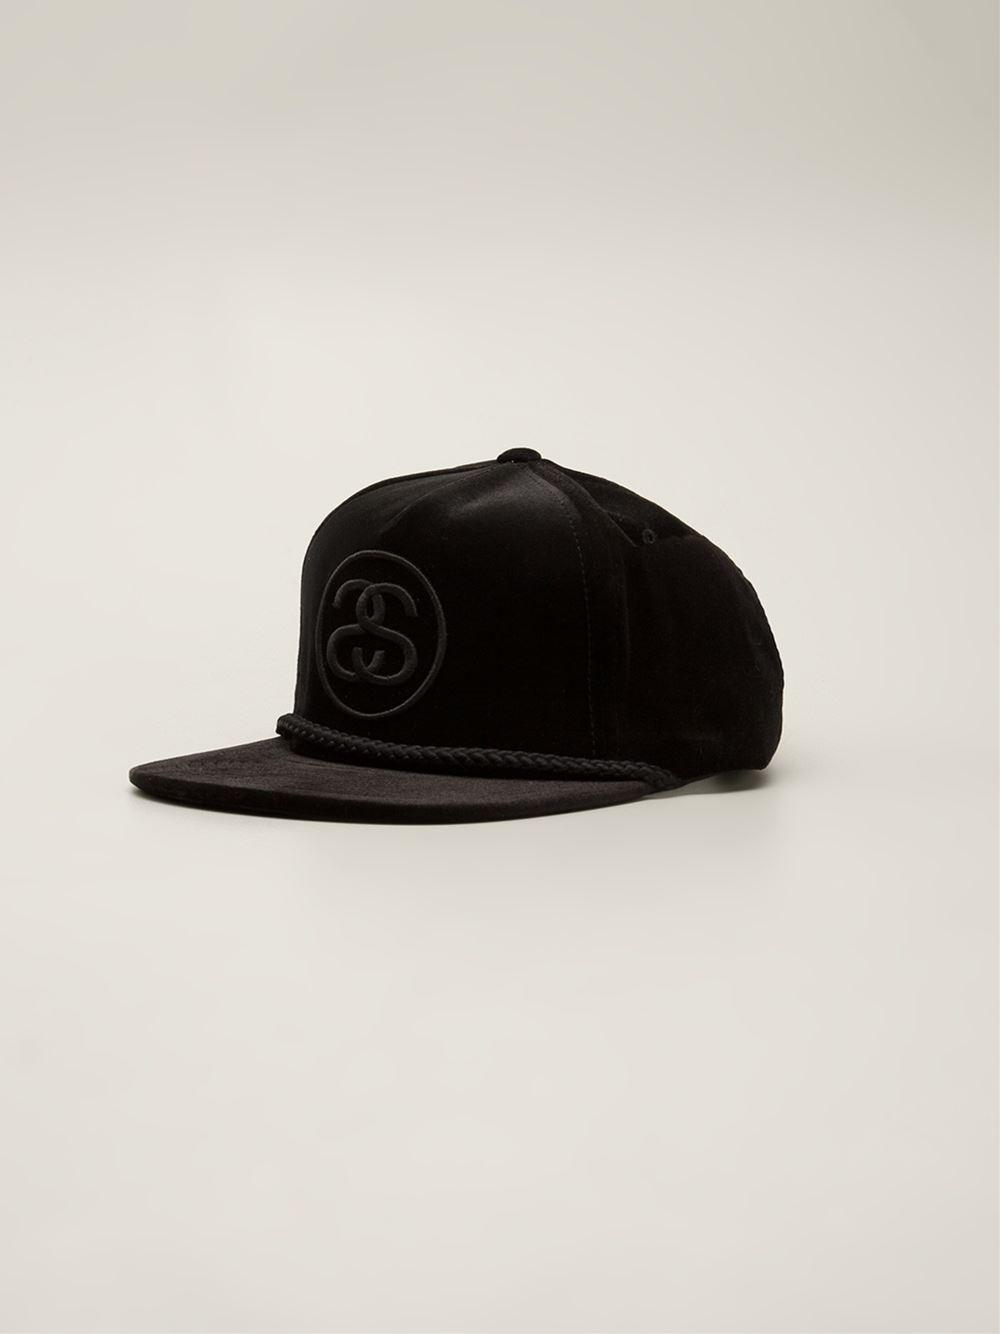 Lyst - Stussy Velvet Snapback in Black for Men c12420e7c55